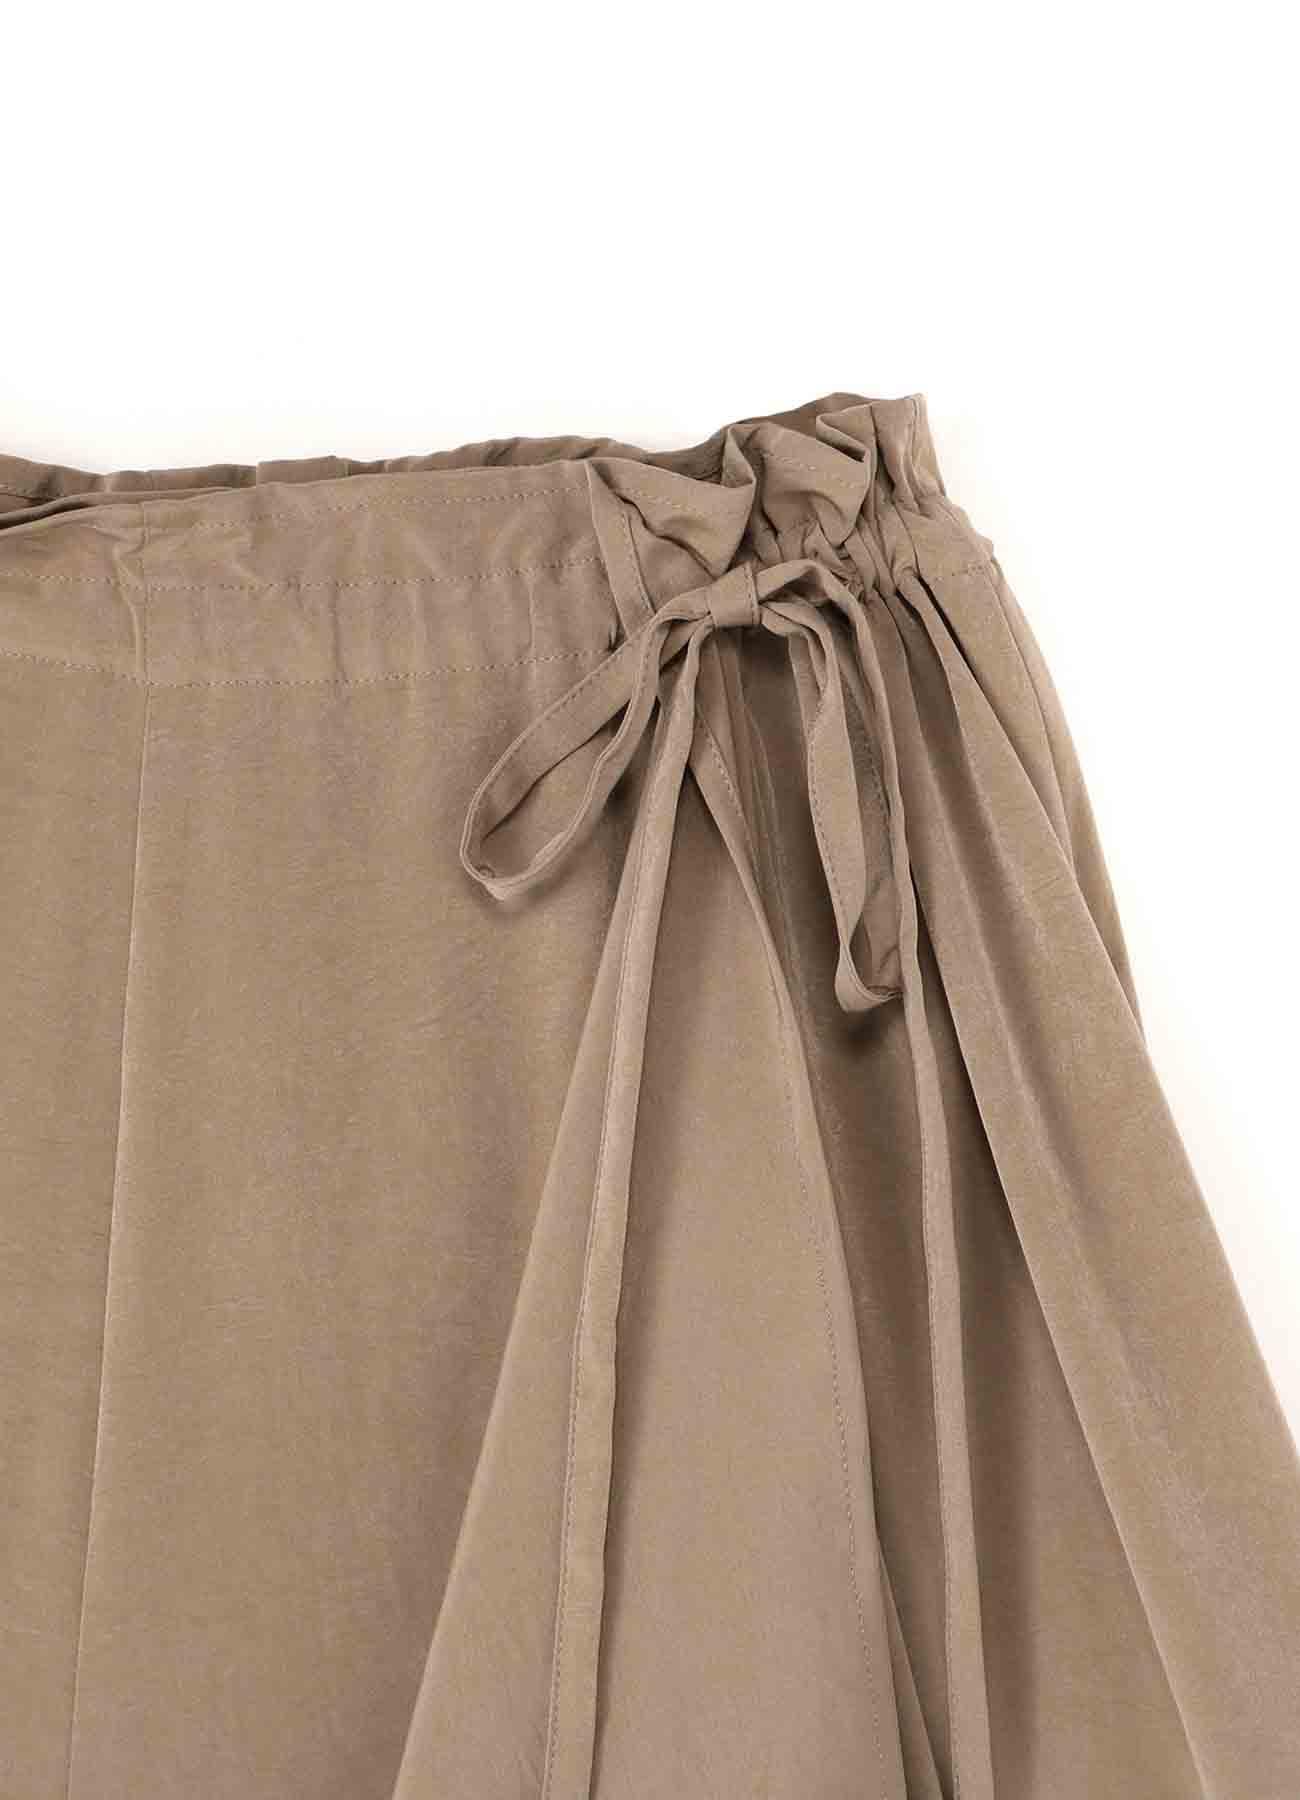 DECYN SLIT GATHER PANTS